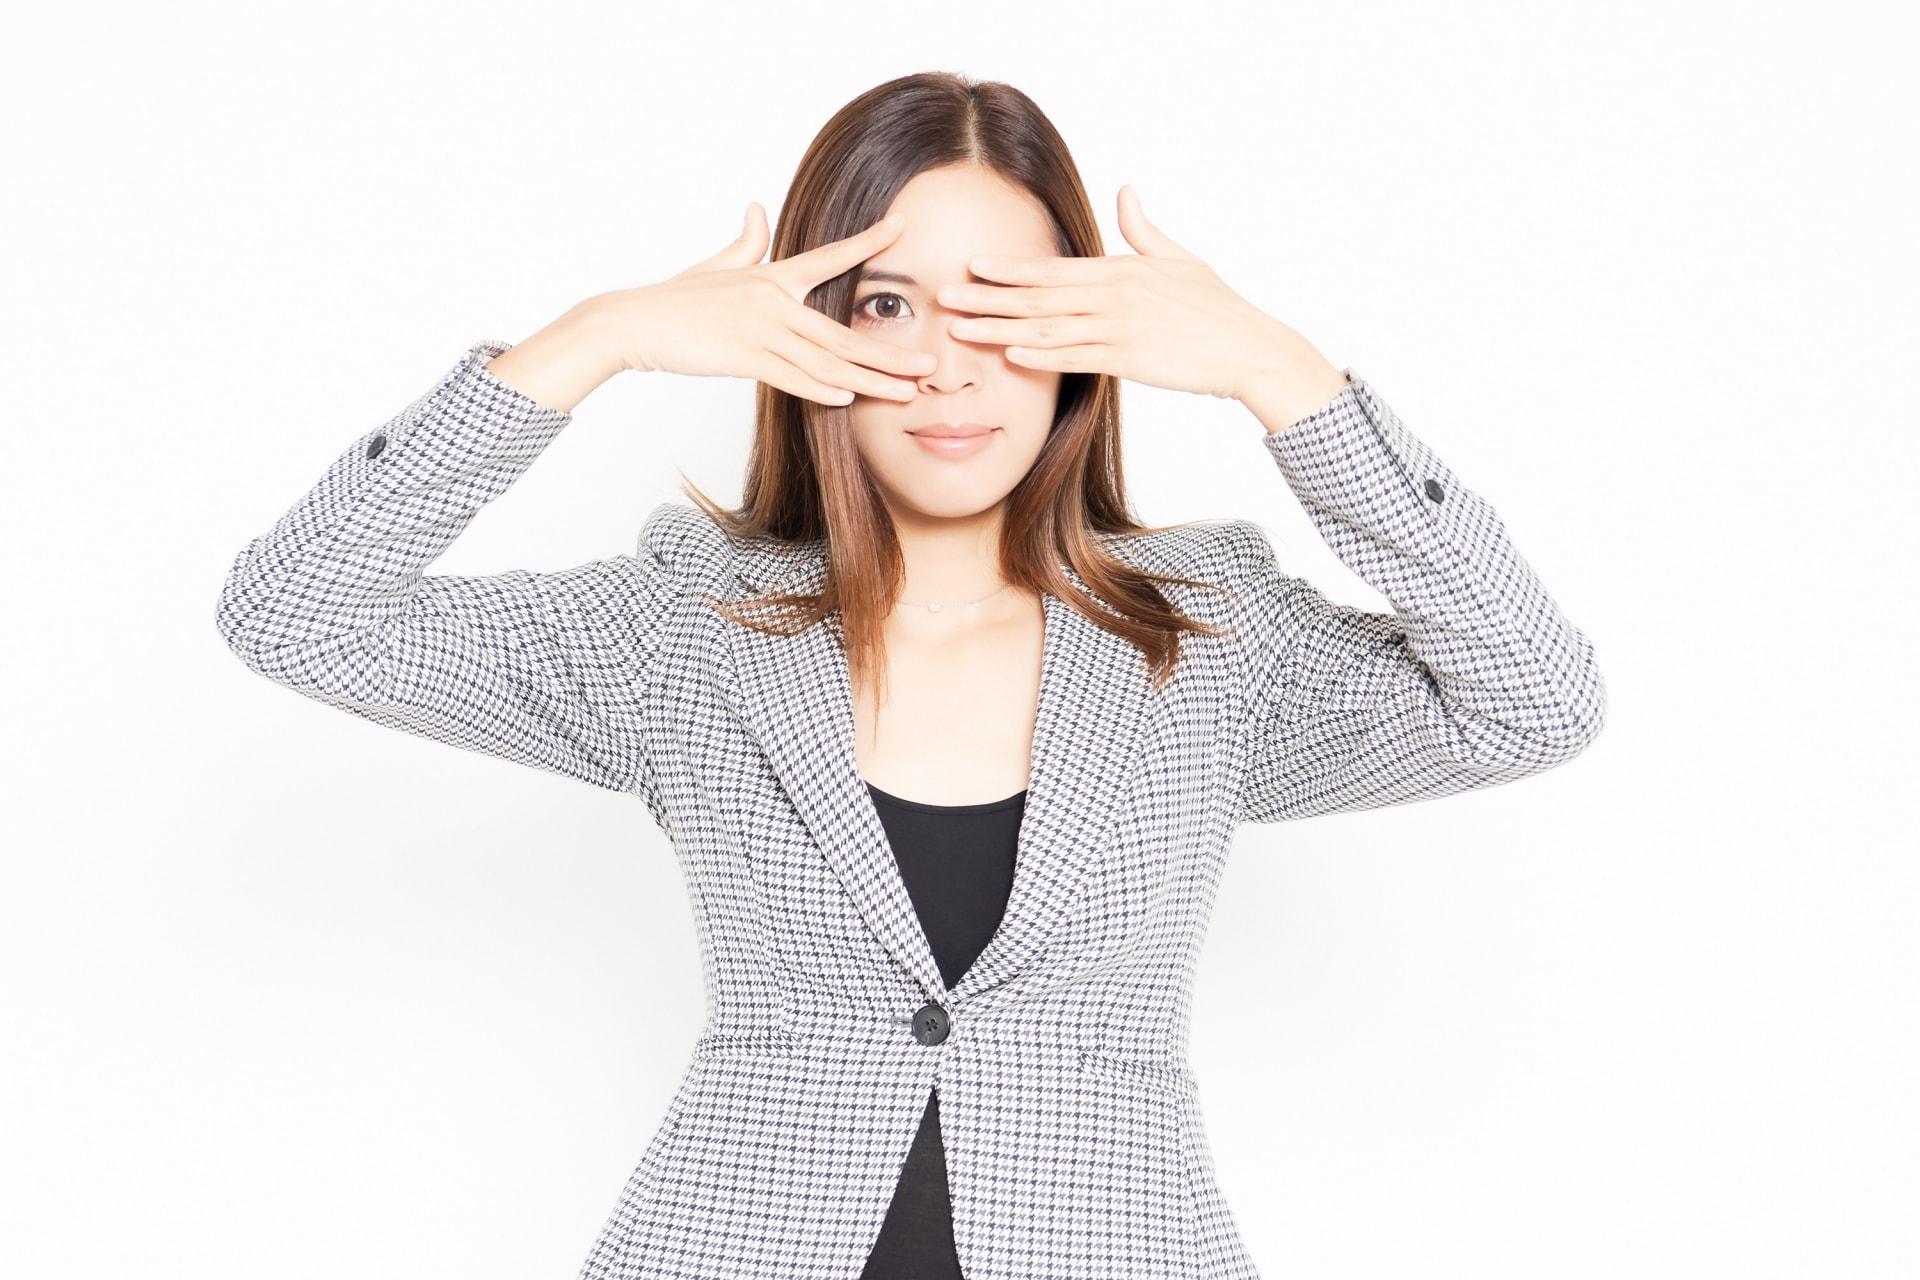 左右の目の大きさが違う!二重幅を同じに揃える方法とは?